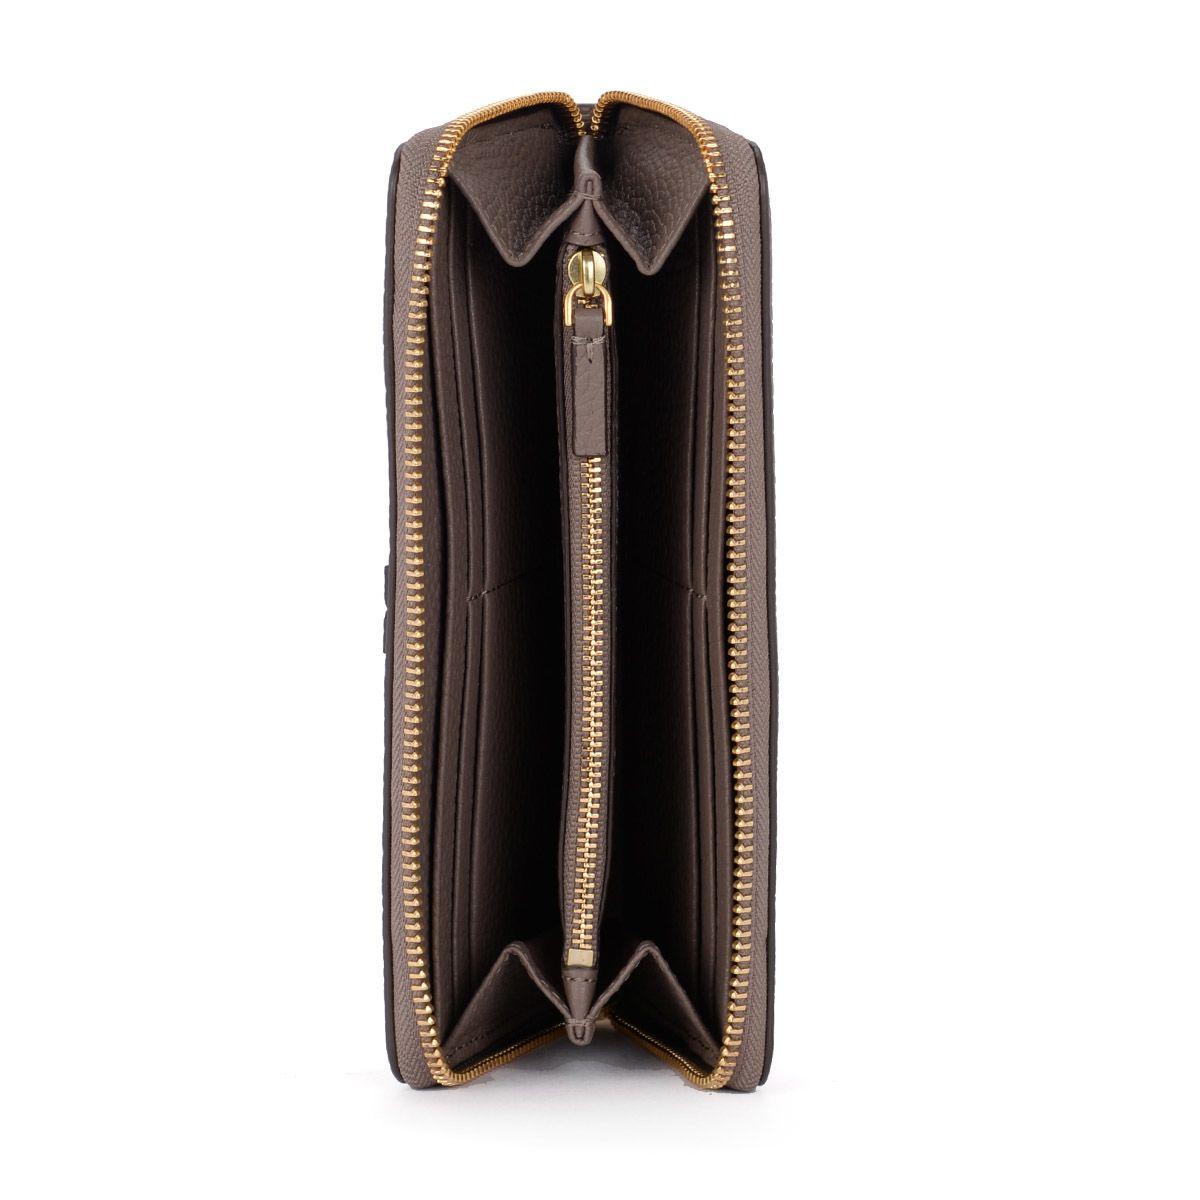 2a5c4ad61b Tory Burch Tory Burch Mcgraw Grey Leather Wallet - GRIGIO - 10753821 ...